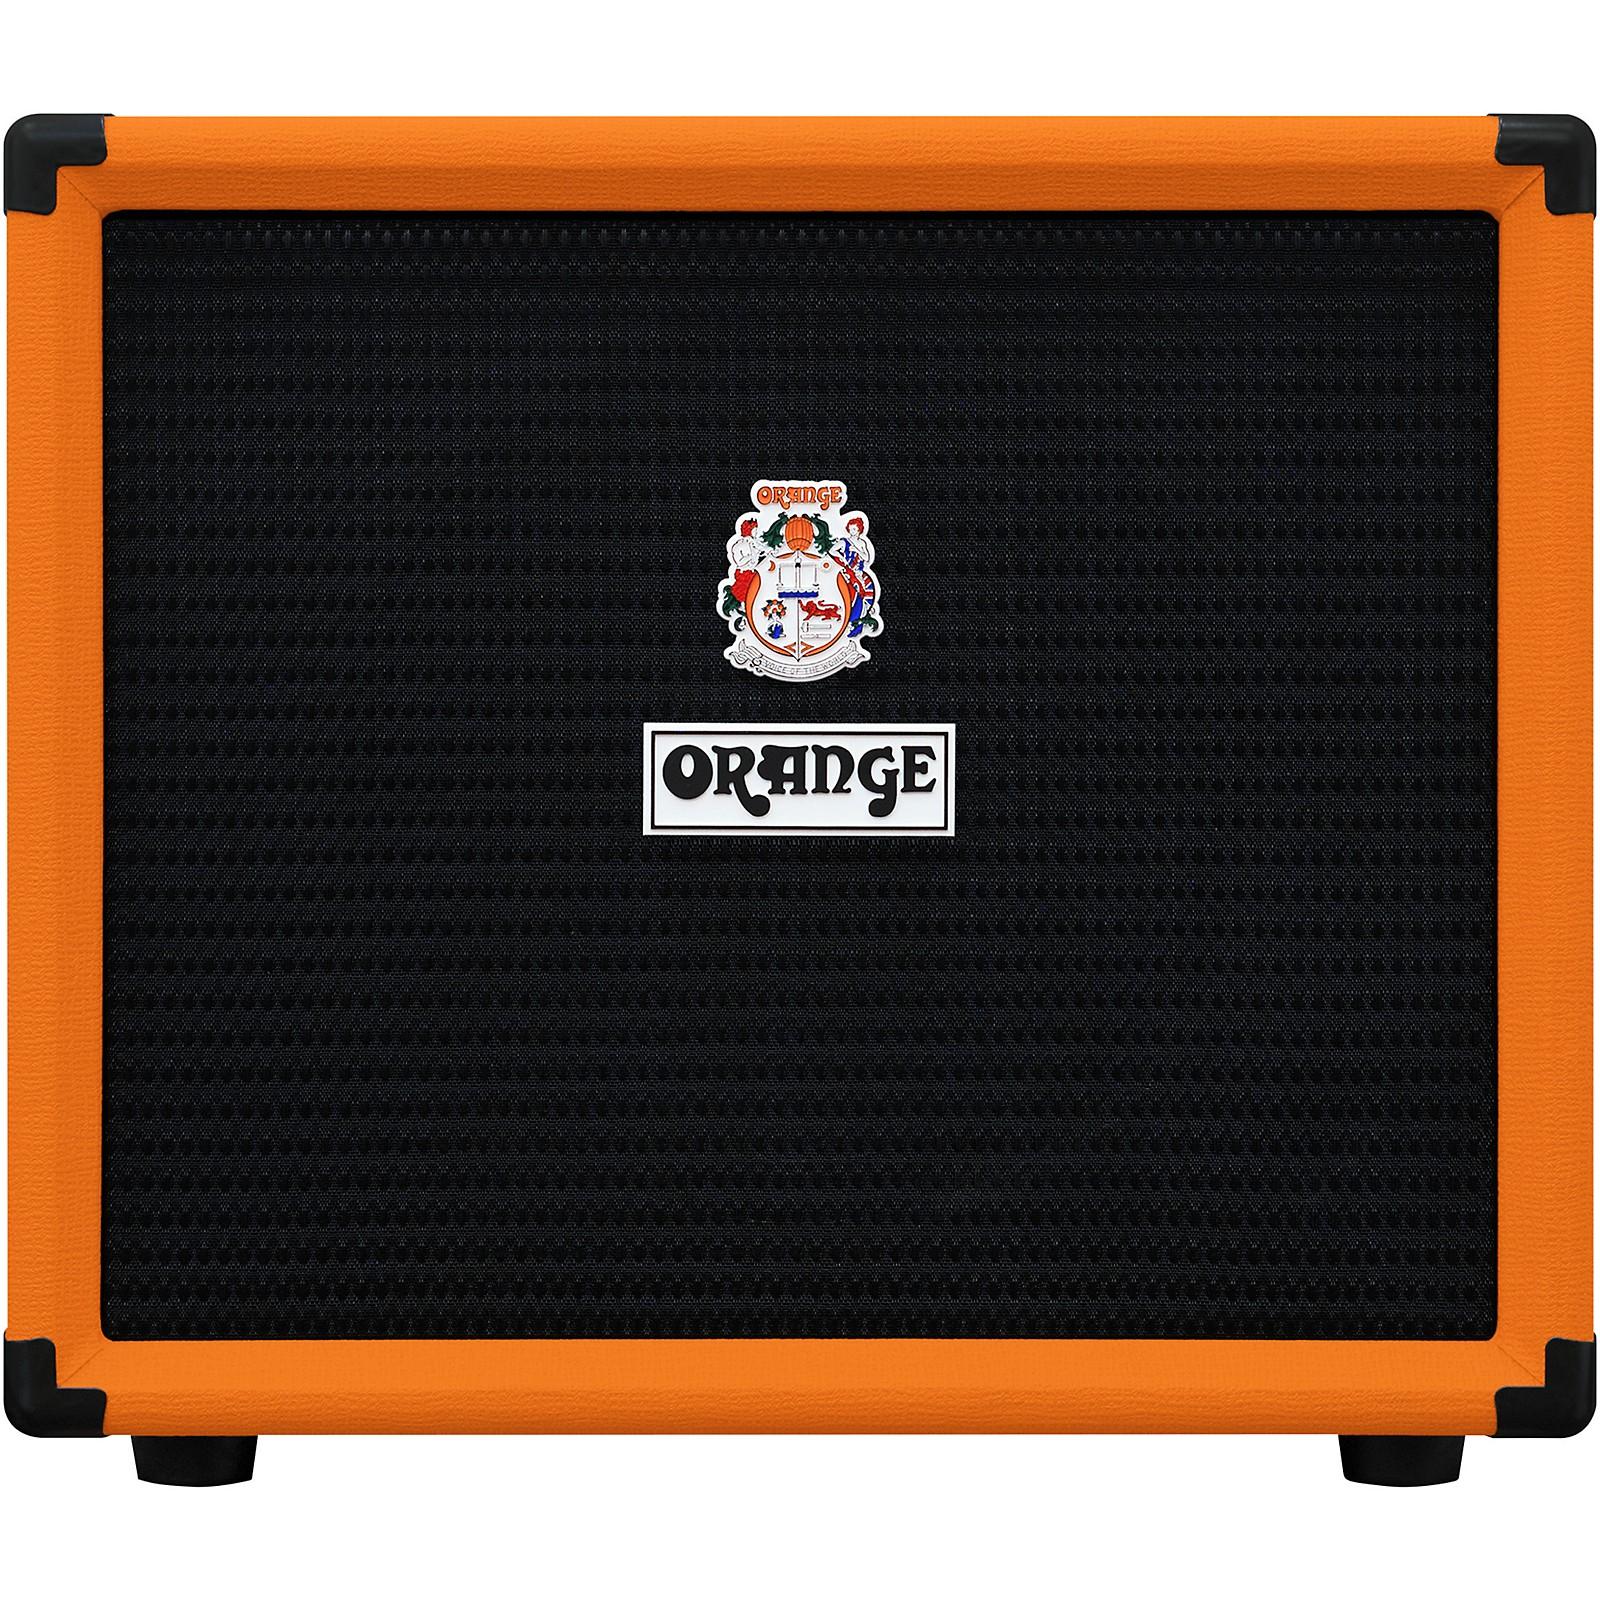 Orange Amplifiers OBC112 400W 1X12 Bass Speaker Cabinet